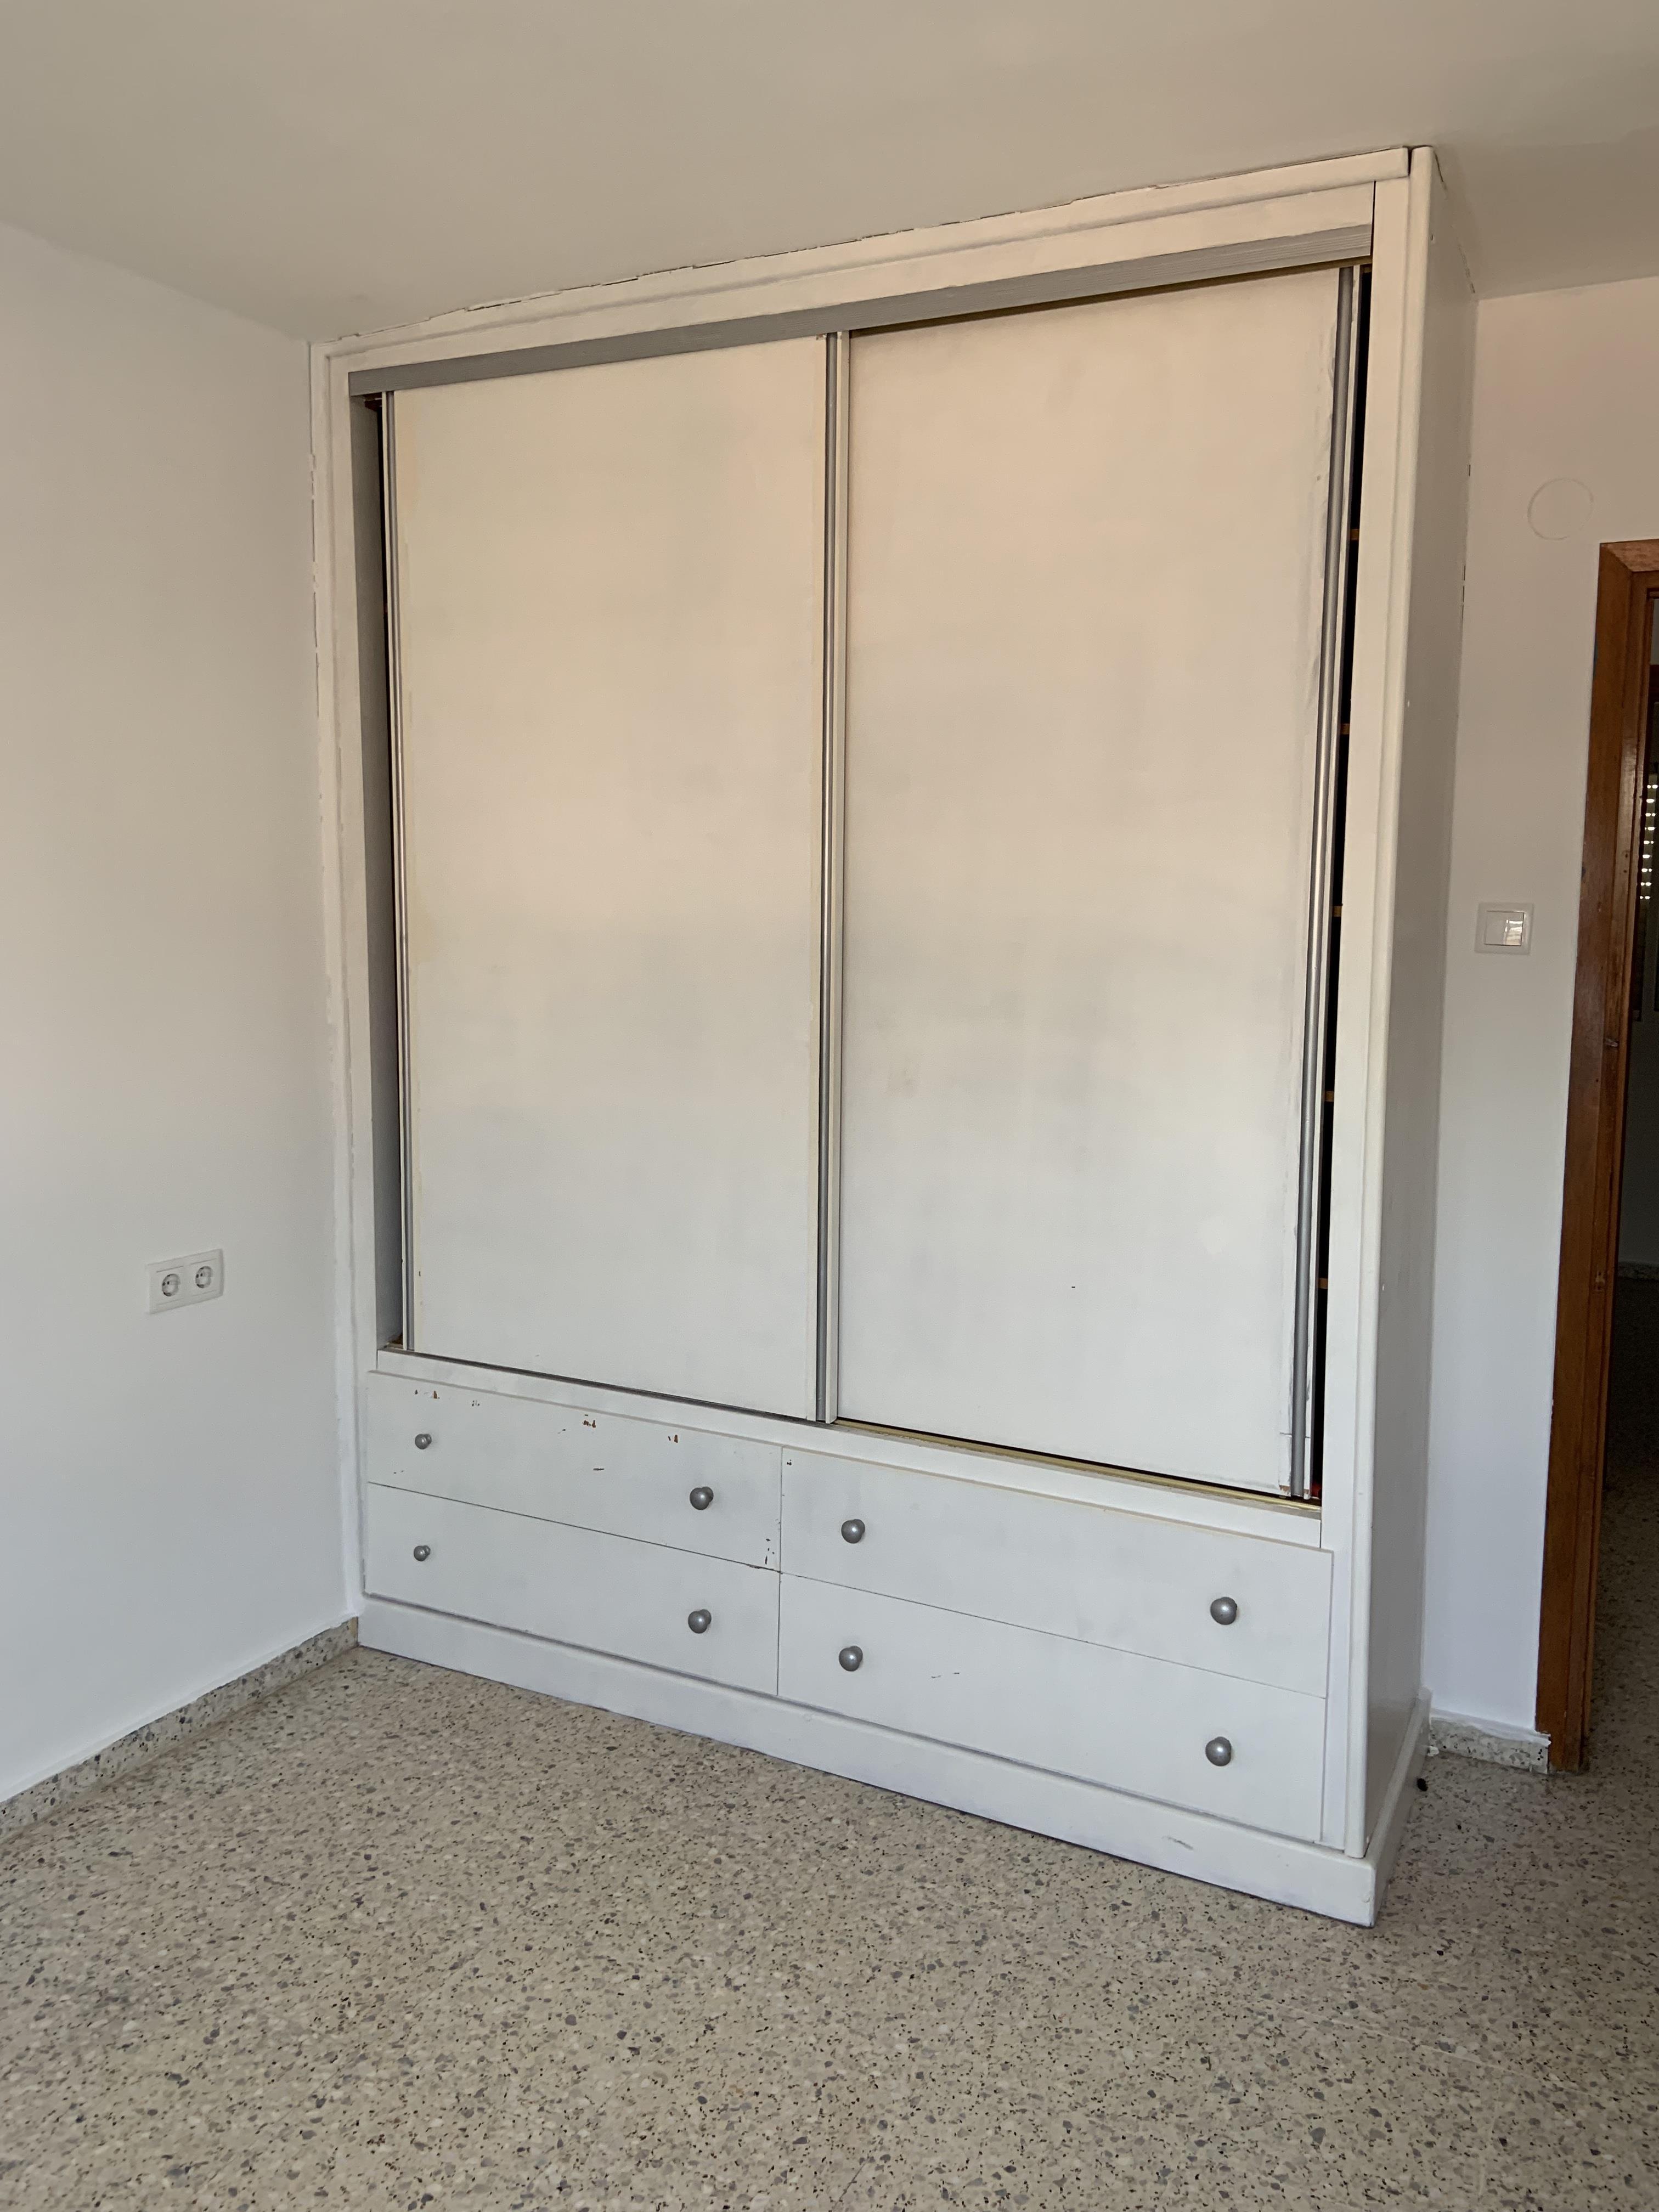 Piso en venta en Motril, Granada, Calle Amadeo Vives, 86.000 €, 3 habitaciones, 1 baño, 89 m2